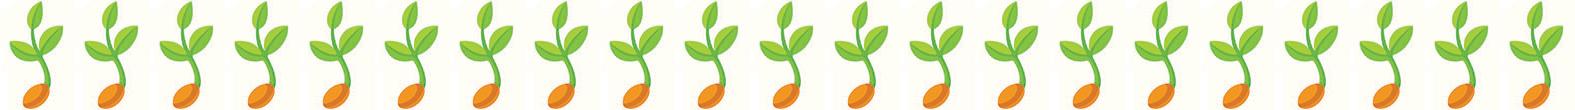 Seedling21